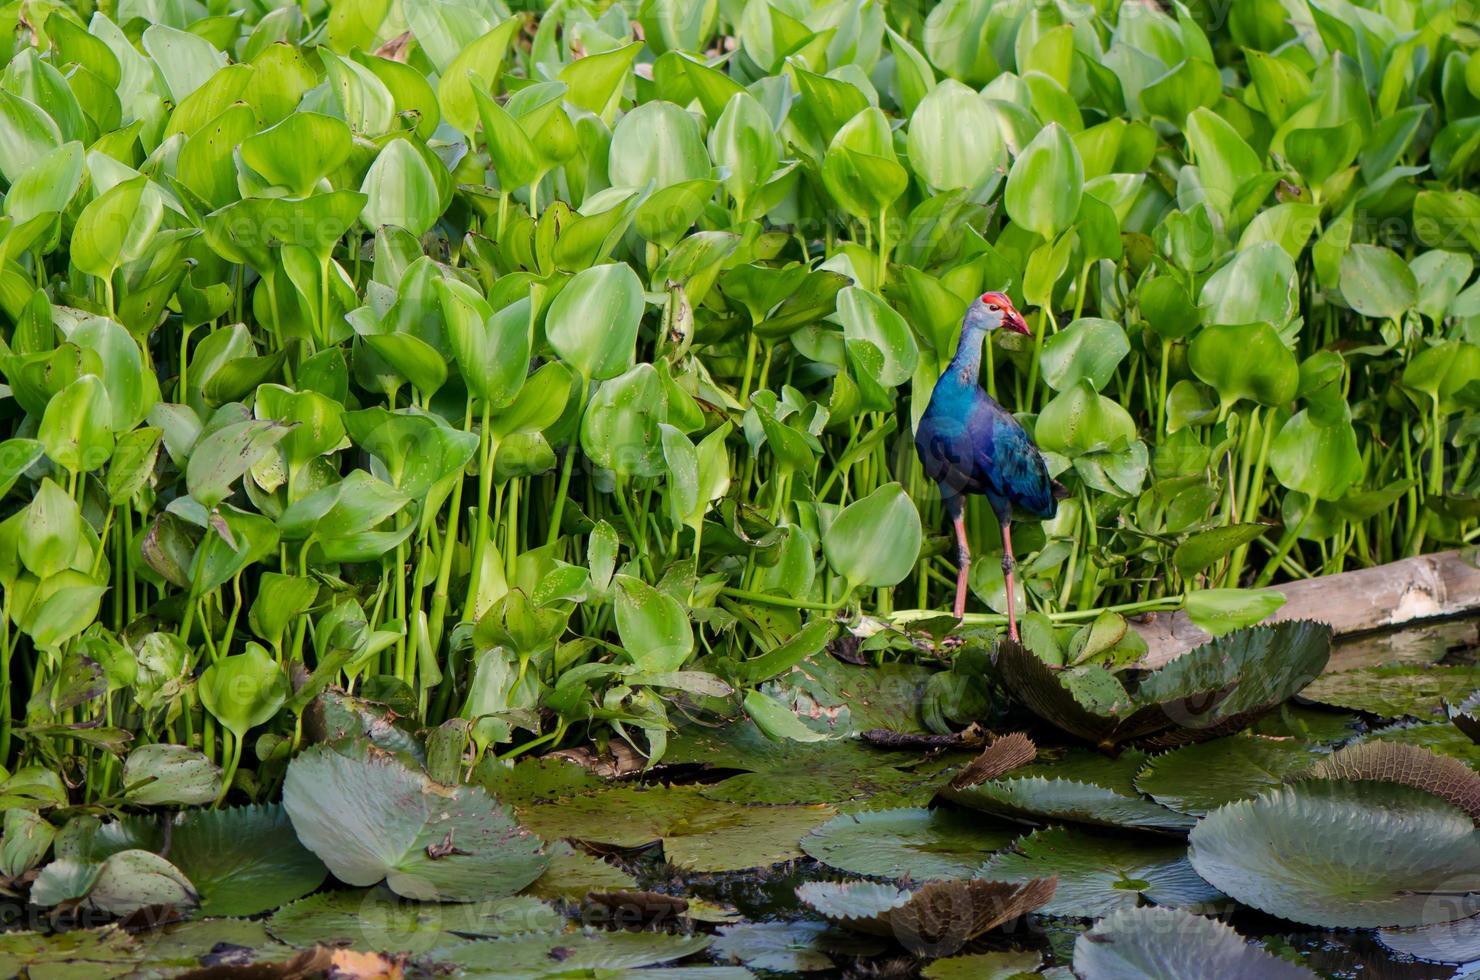 färgrik fågel som går på lotusbladet foto